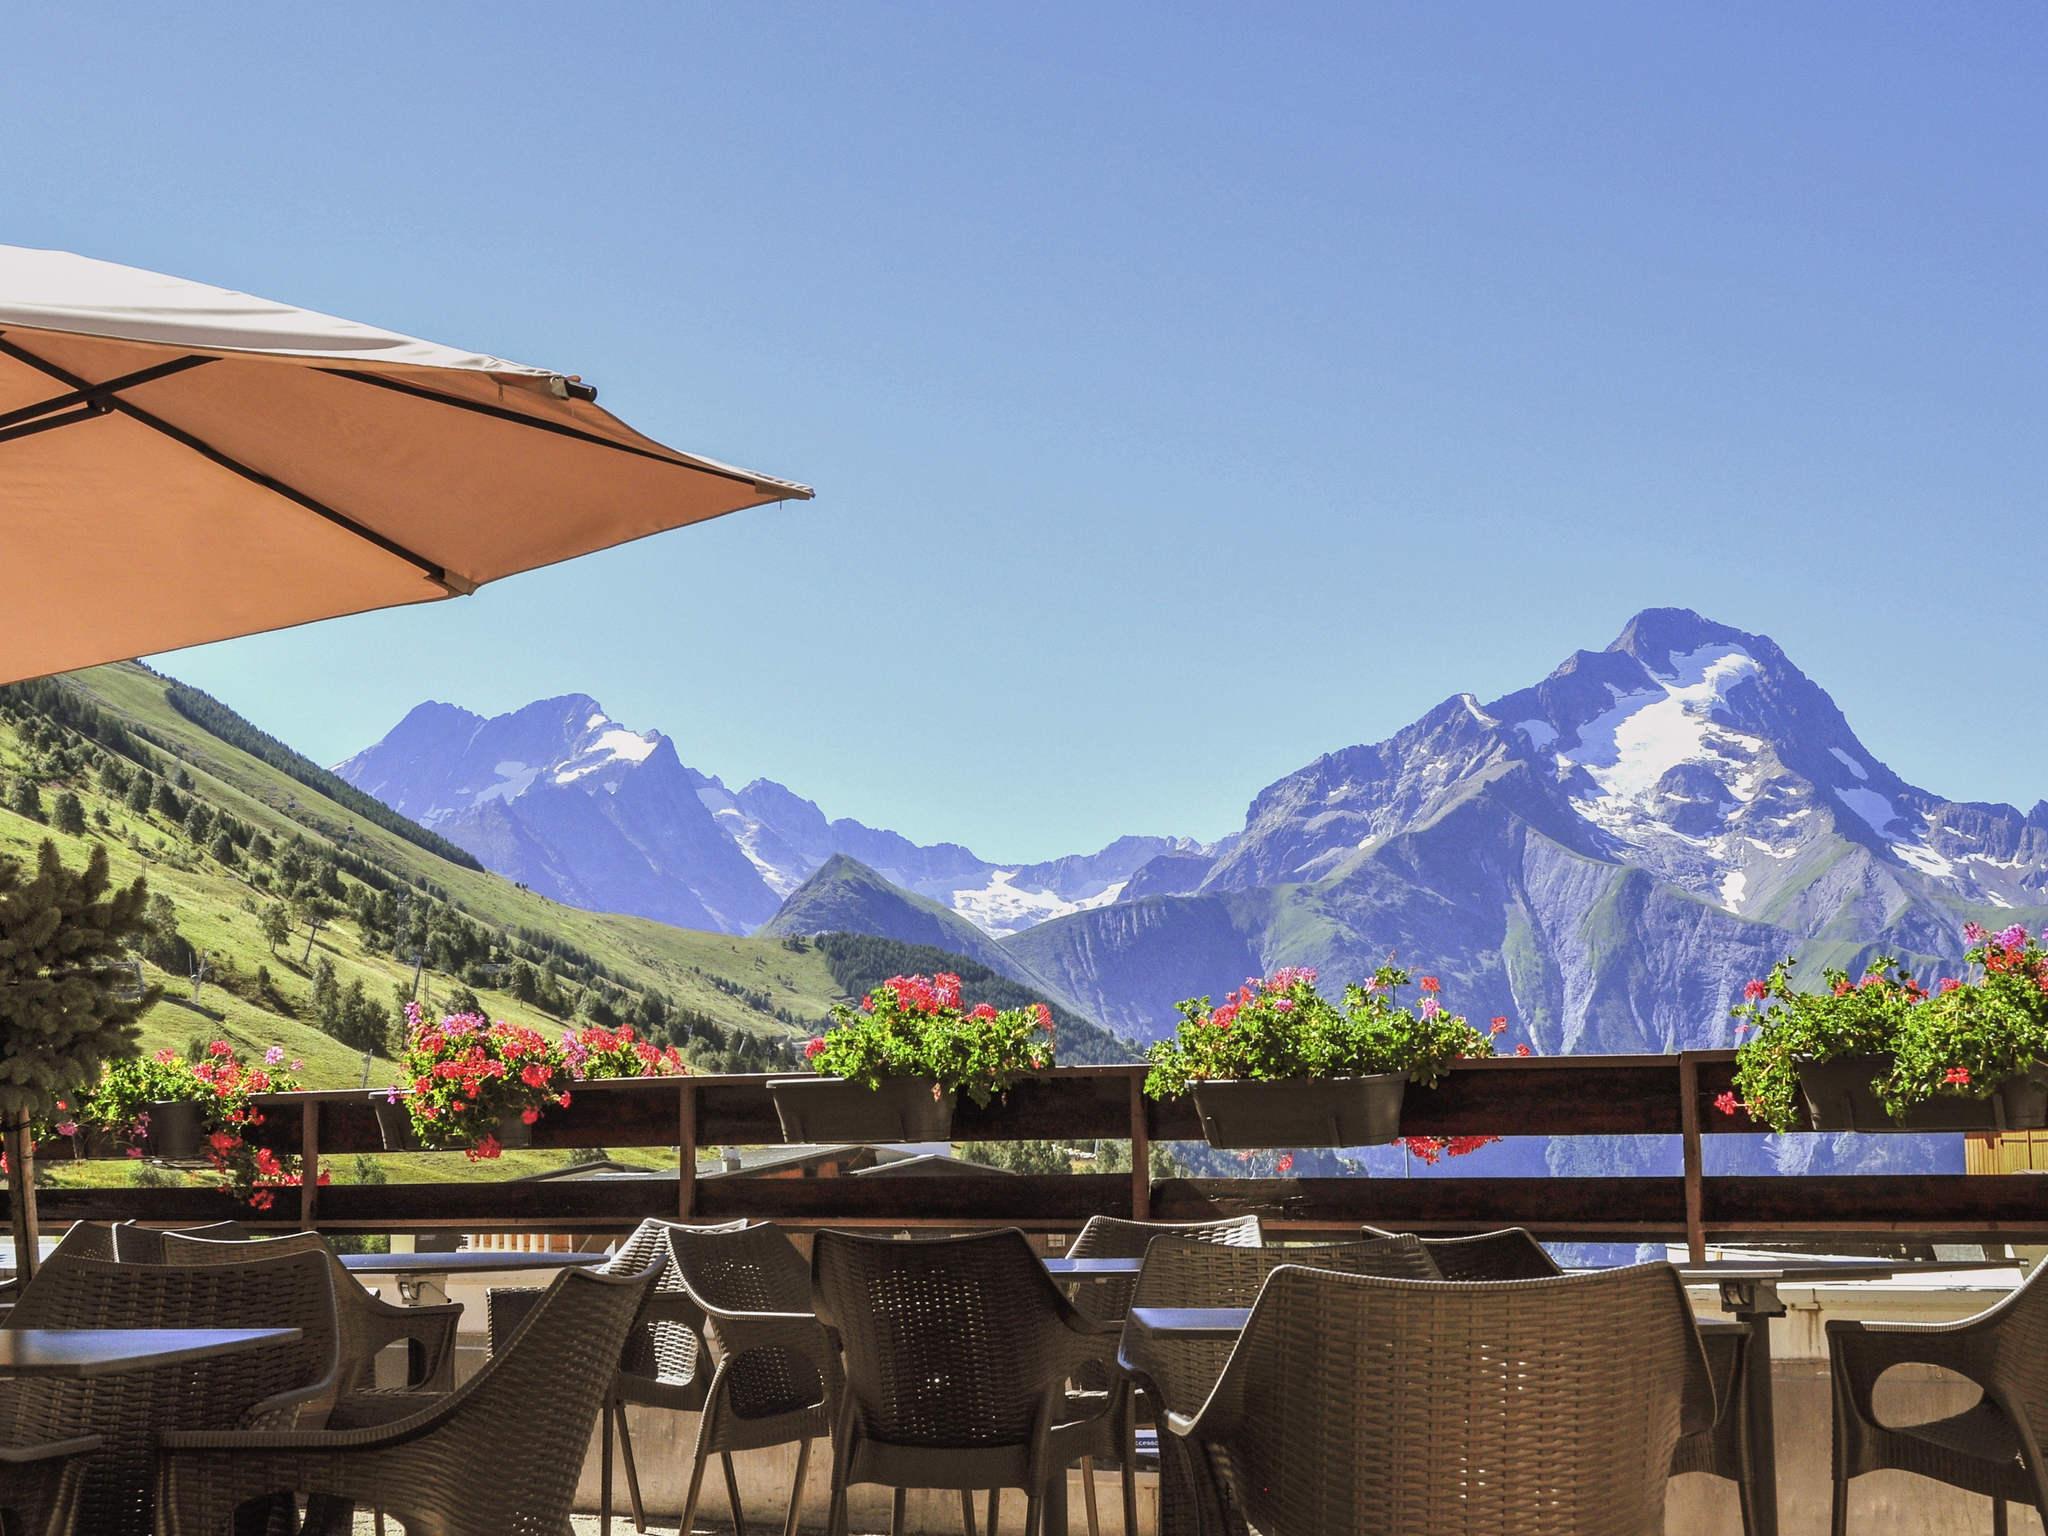 Hotel - Mercure Les Deux Alpes 1800 Hotel